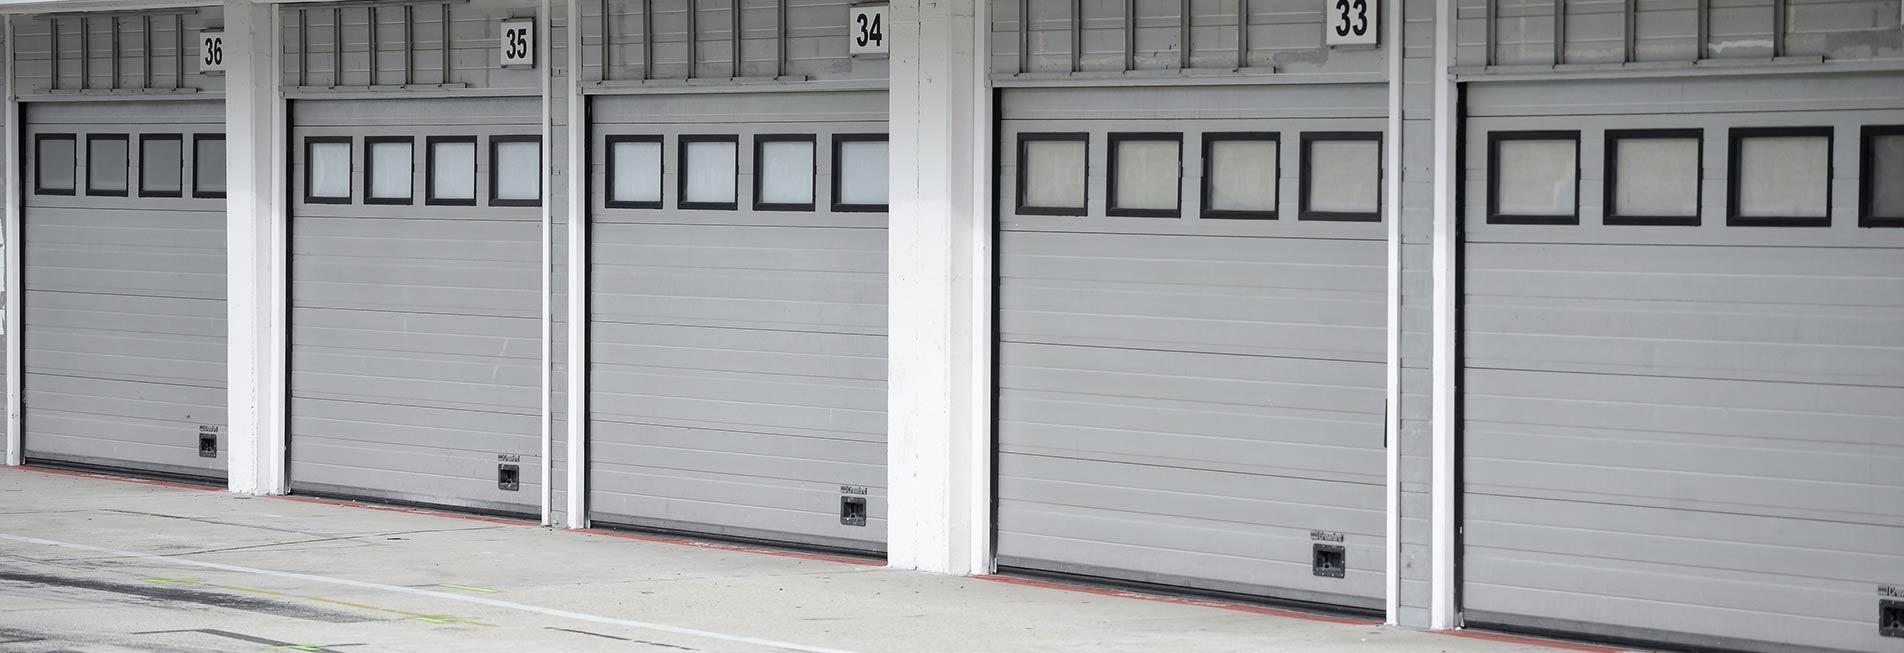 Trust garage door service residential and commercial for Garage door repair bowie md